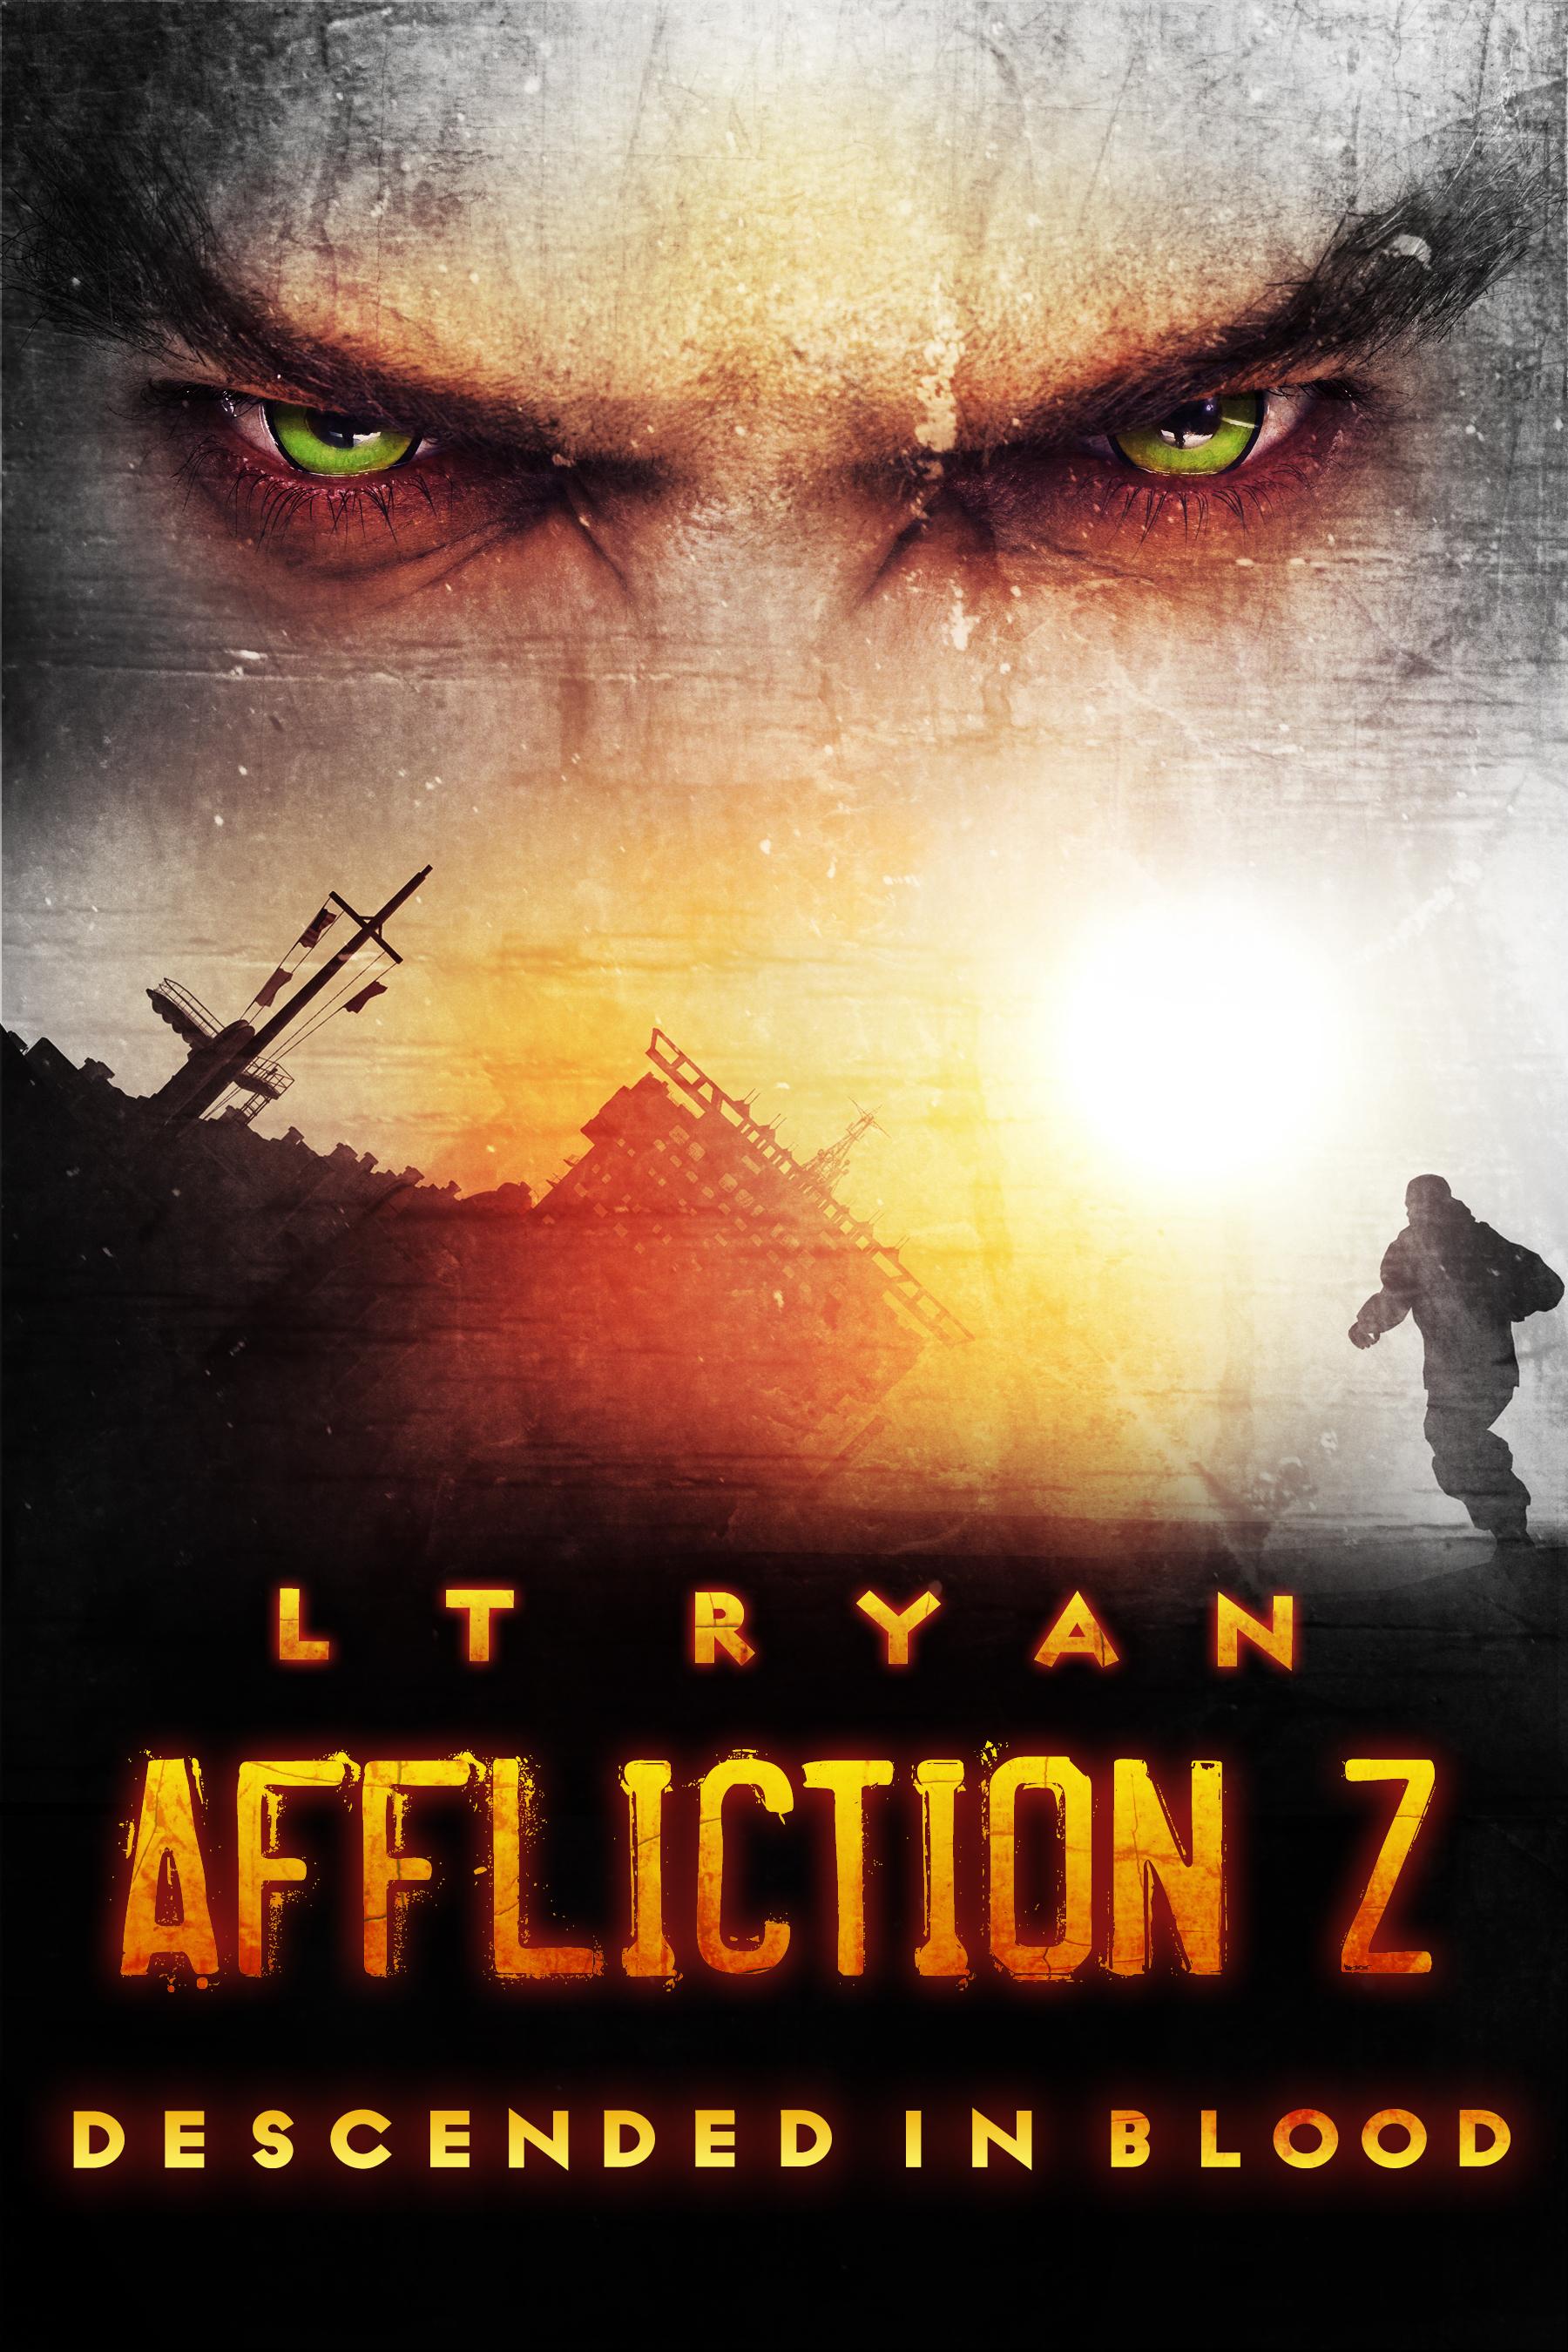 Affliction Z Descended 6